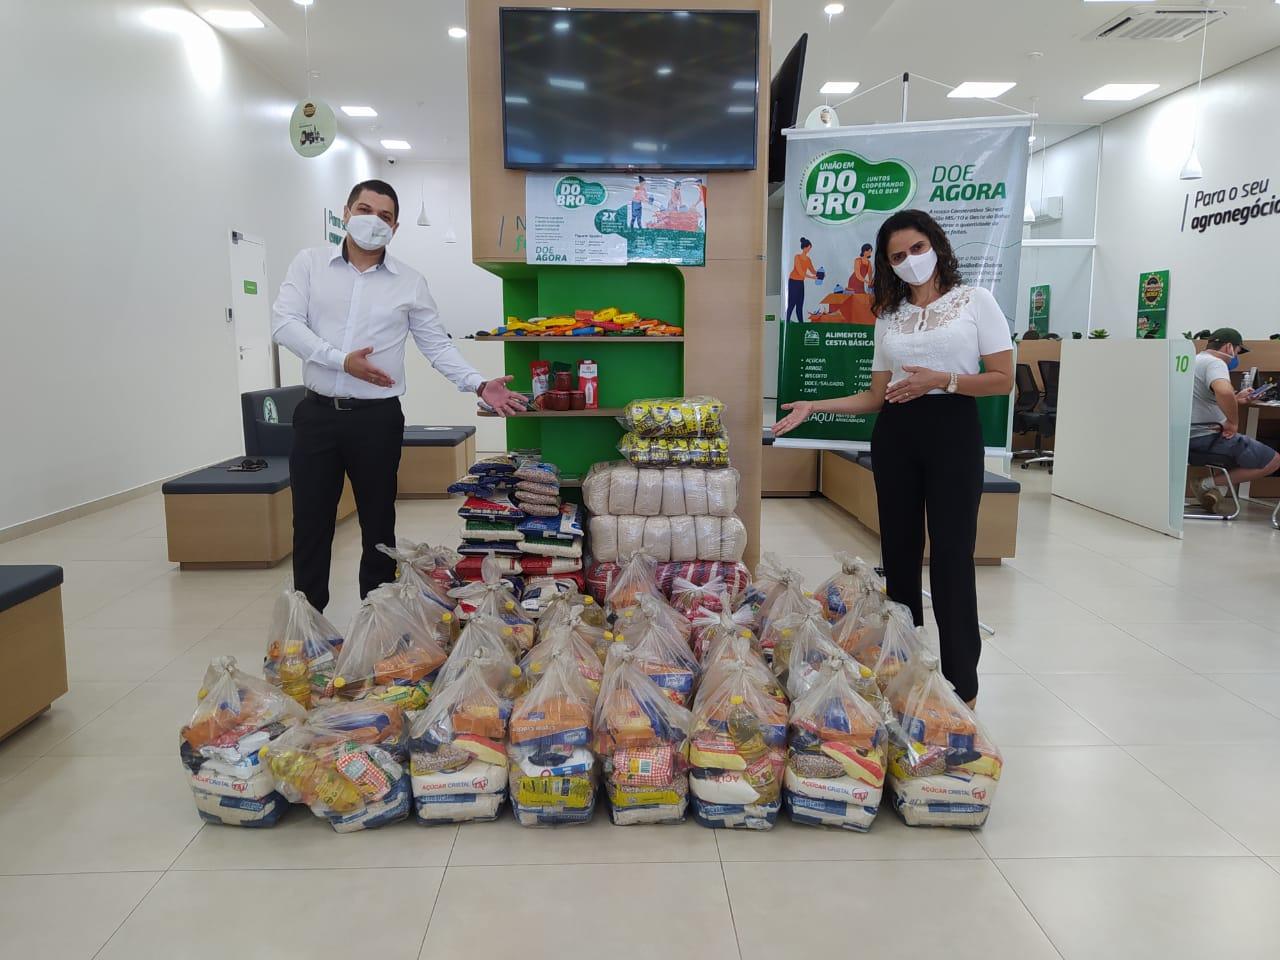 ACIP doa cestas básicas à Campanha União em Dobro, realizada pelo Sicredi